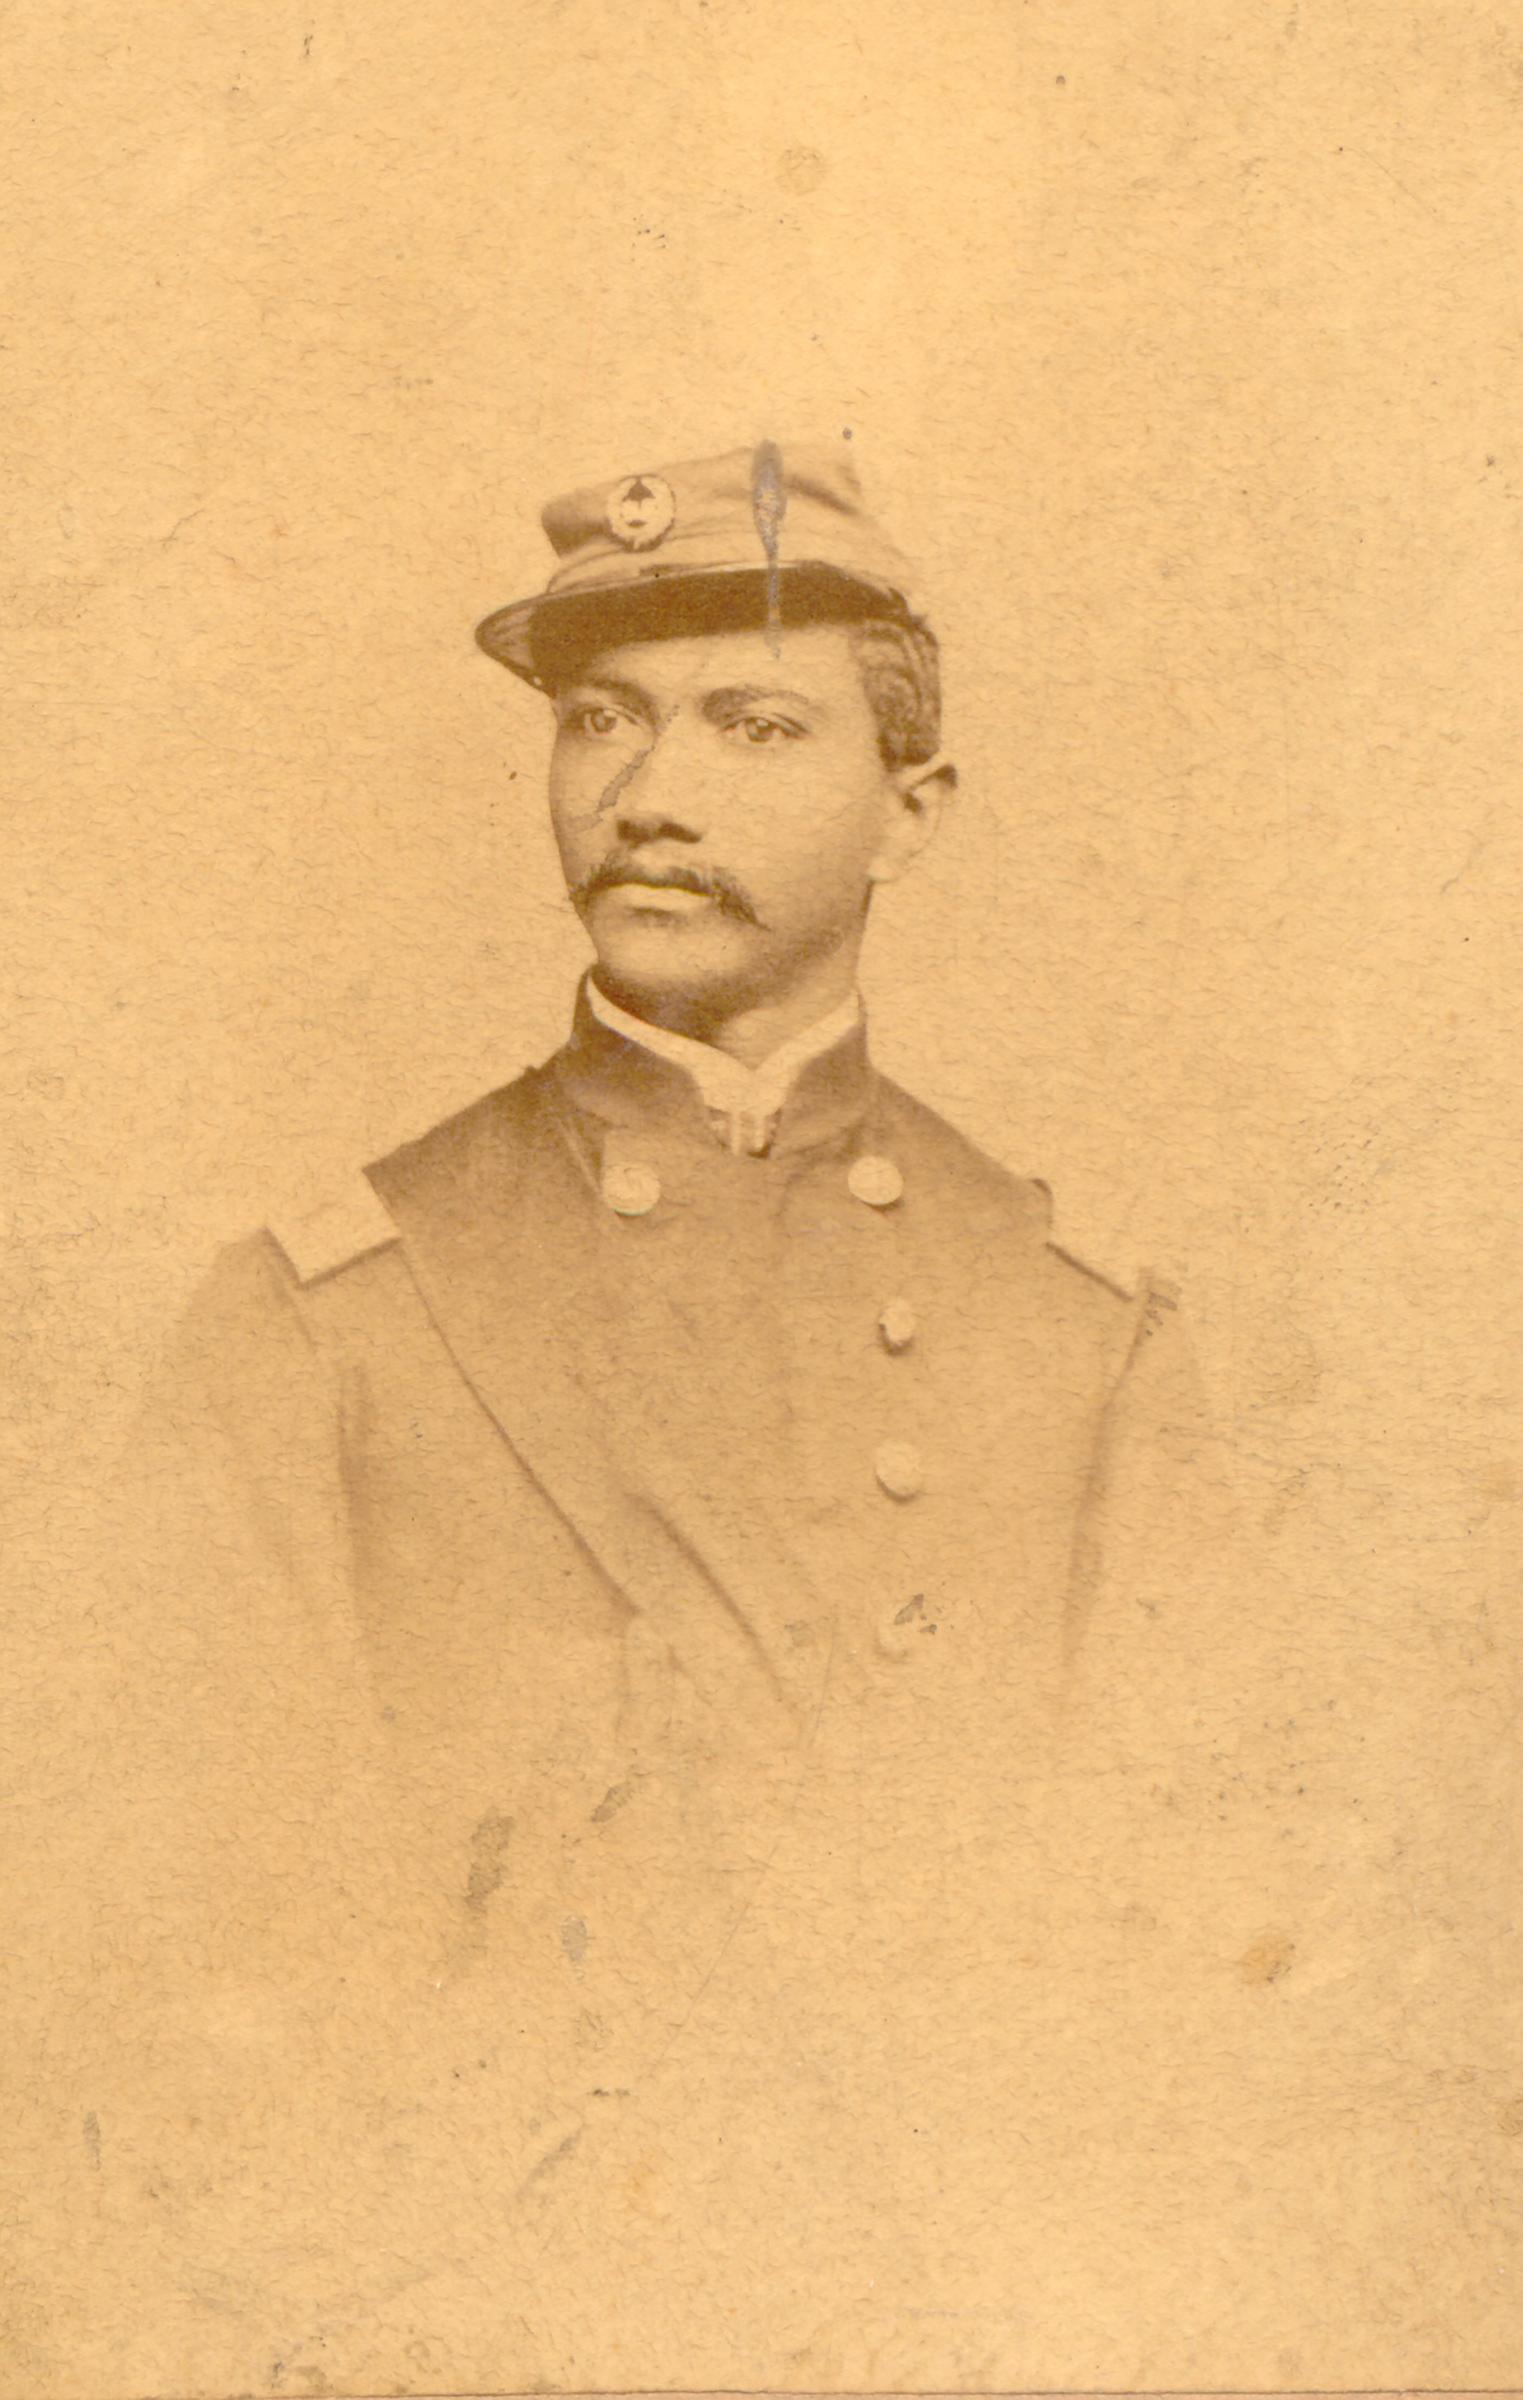 Portrait of Alexander T. Augusta.